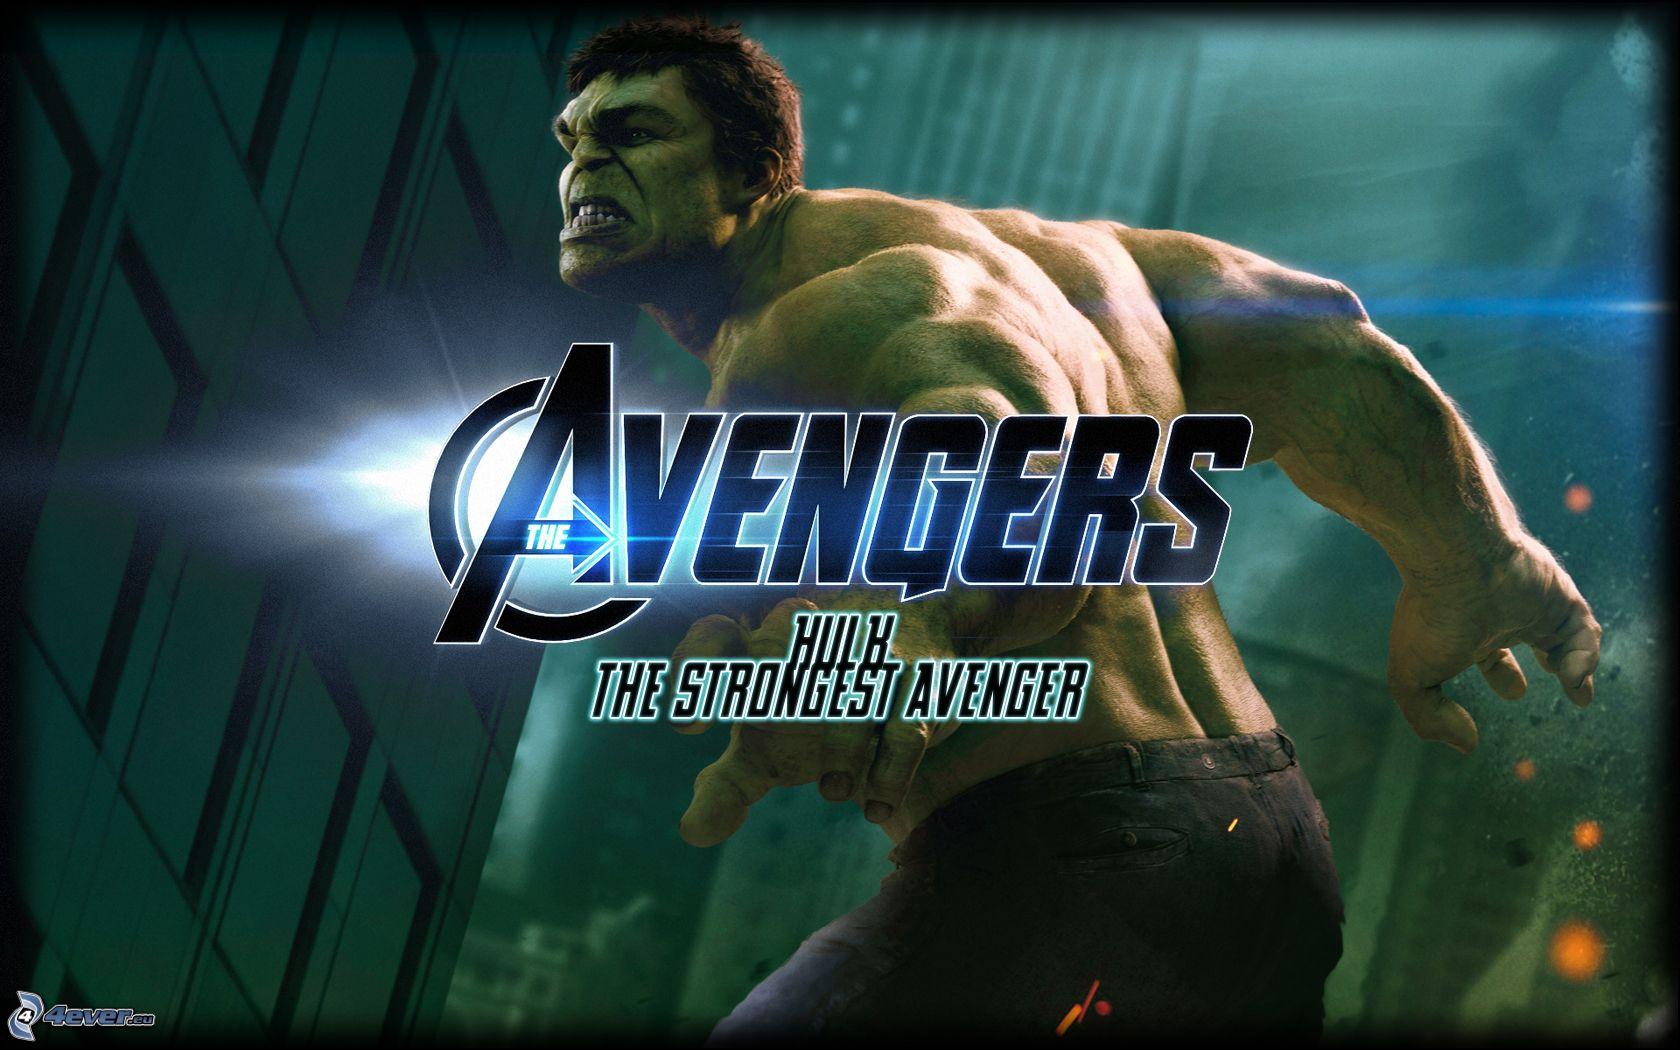 The avengers - Telecharger hulk ...